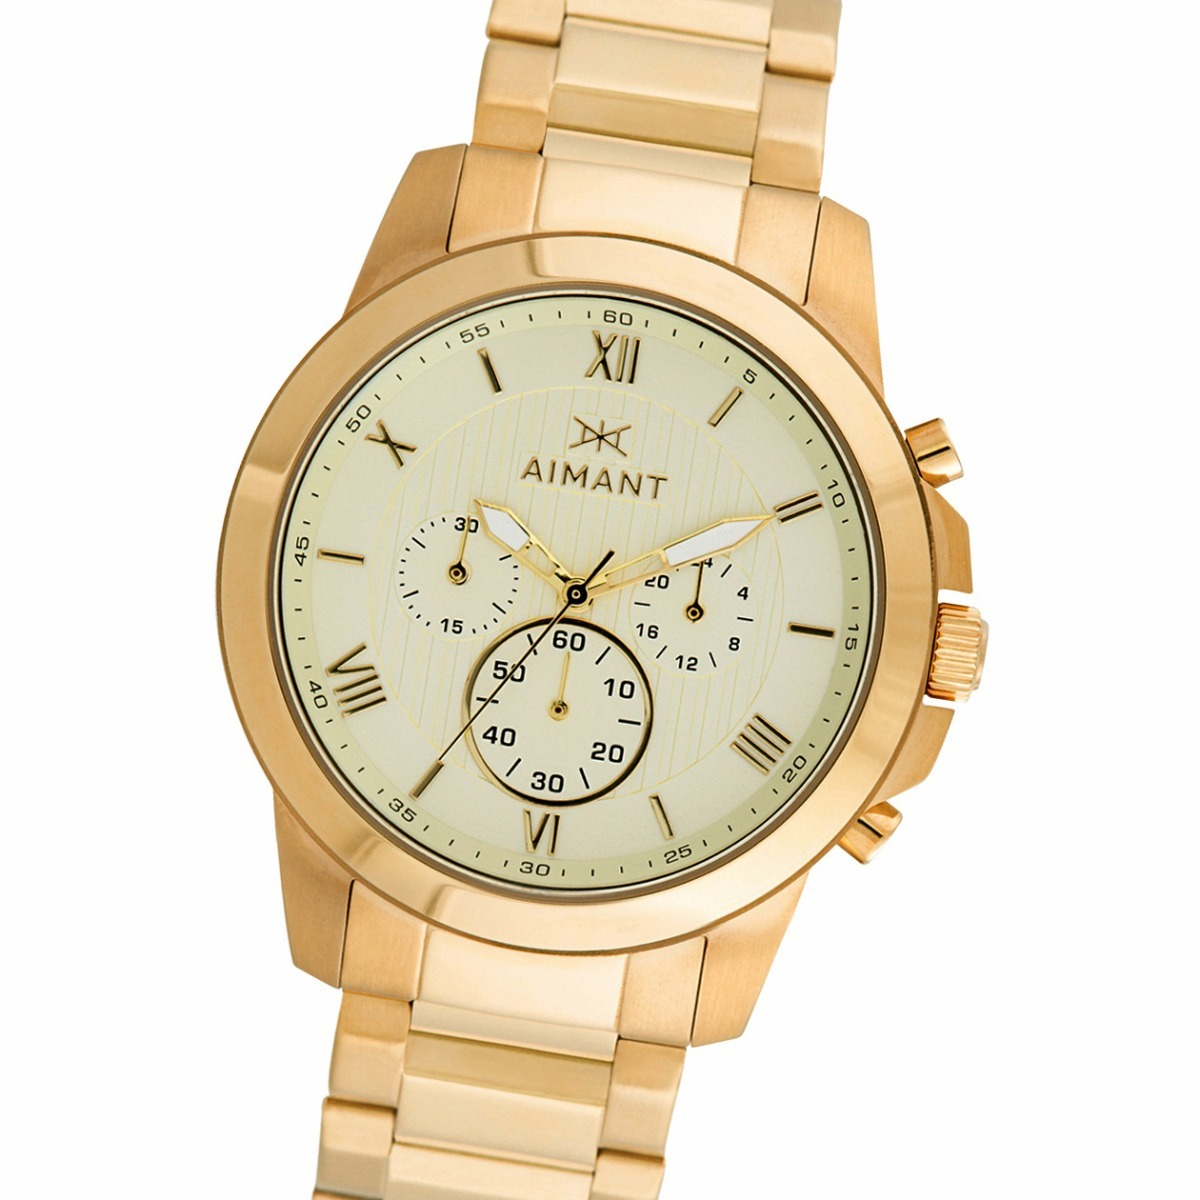 reloj-aimant-kent-gke-100sg-gg-cronografo-miyota-100m-wr-D_NQ_NP_772952-MLA25846839990_082017-F